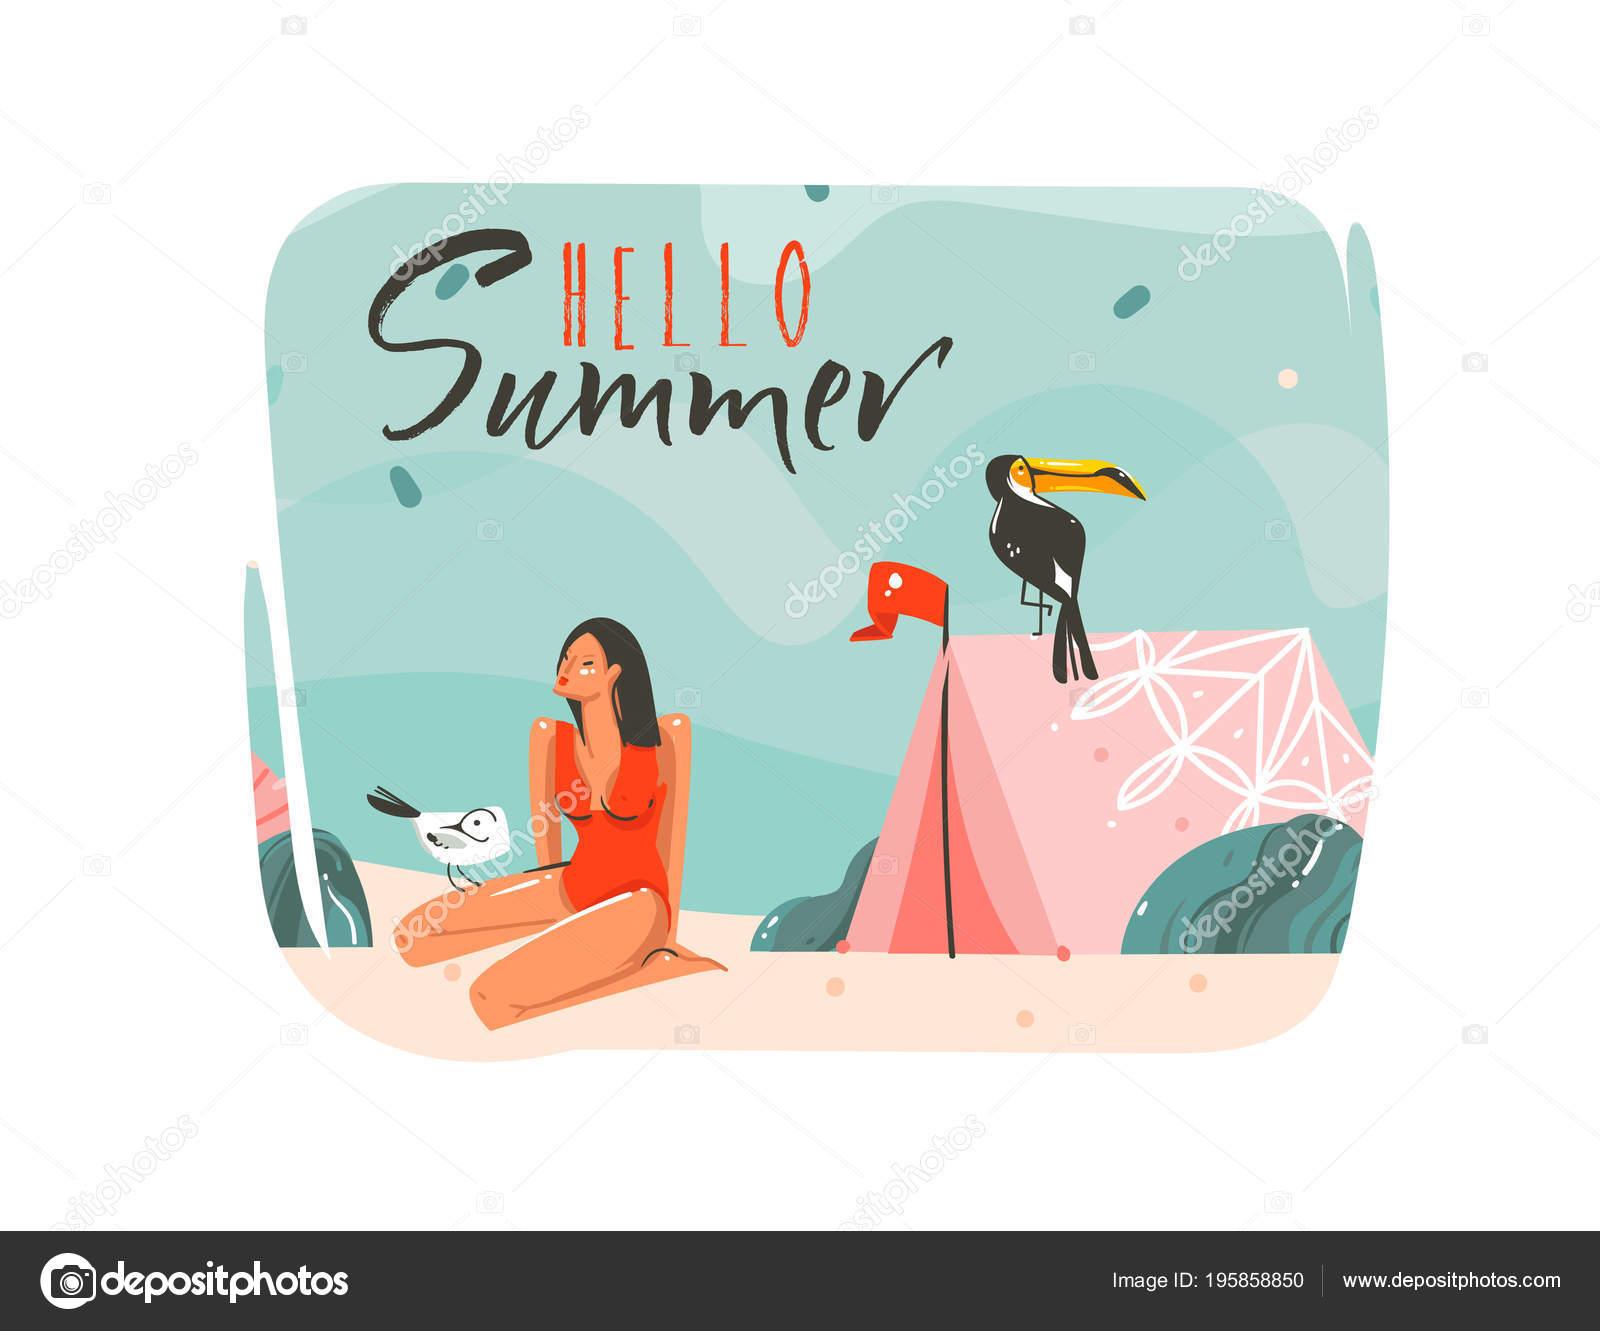 Dibujado a mano vector cartoon Resumen verano ilustraciones gráficas ...